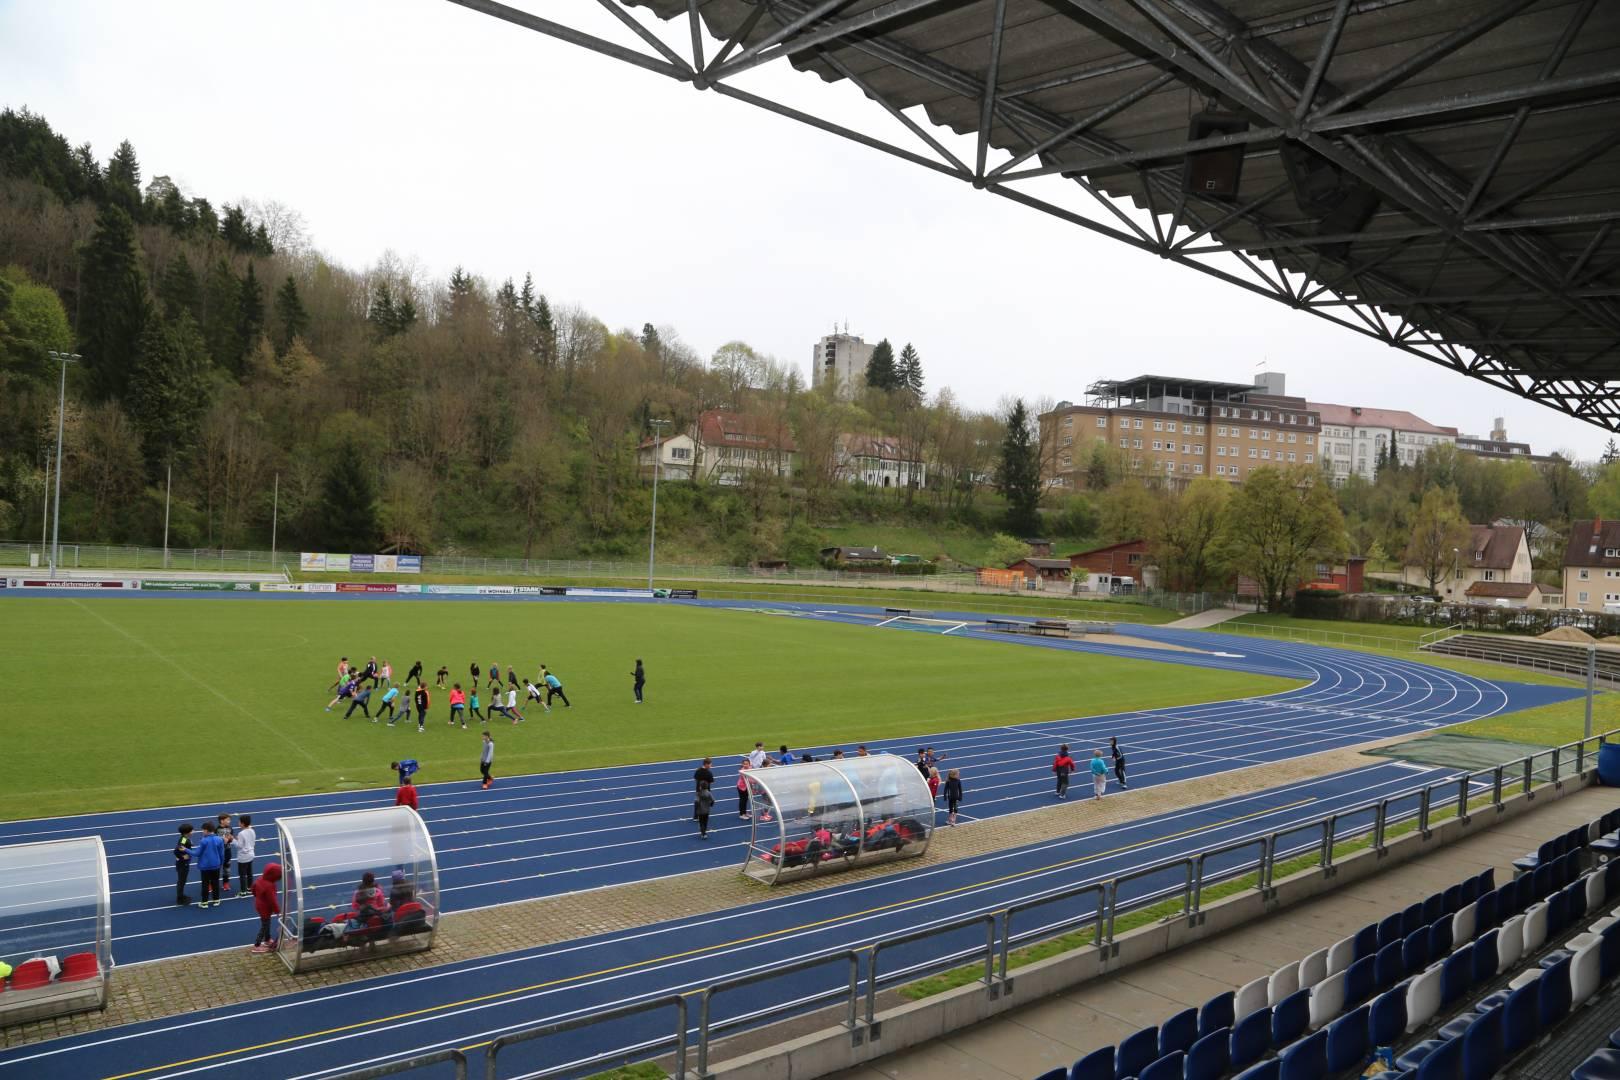 Das von Kutter neu aufgebaute Donaustadion in Tuttlingen war Kulisse des Kutter Rasentags. Foto: Kutter Landschafts- und Sportplatzbau